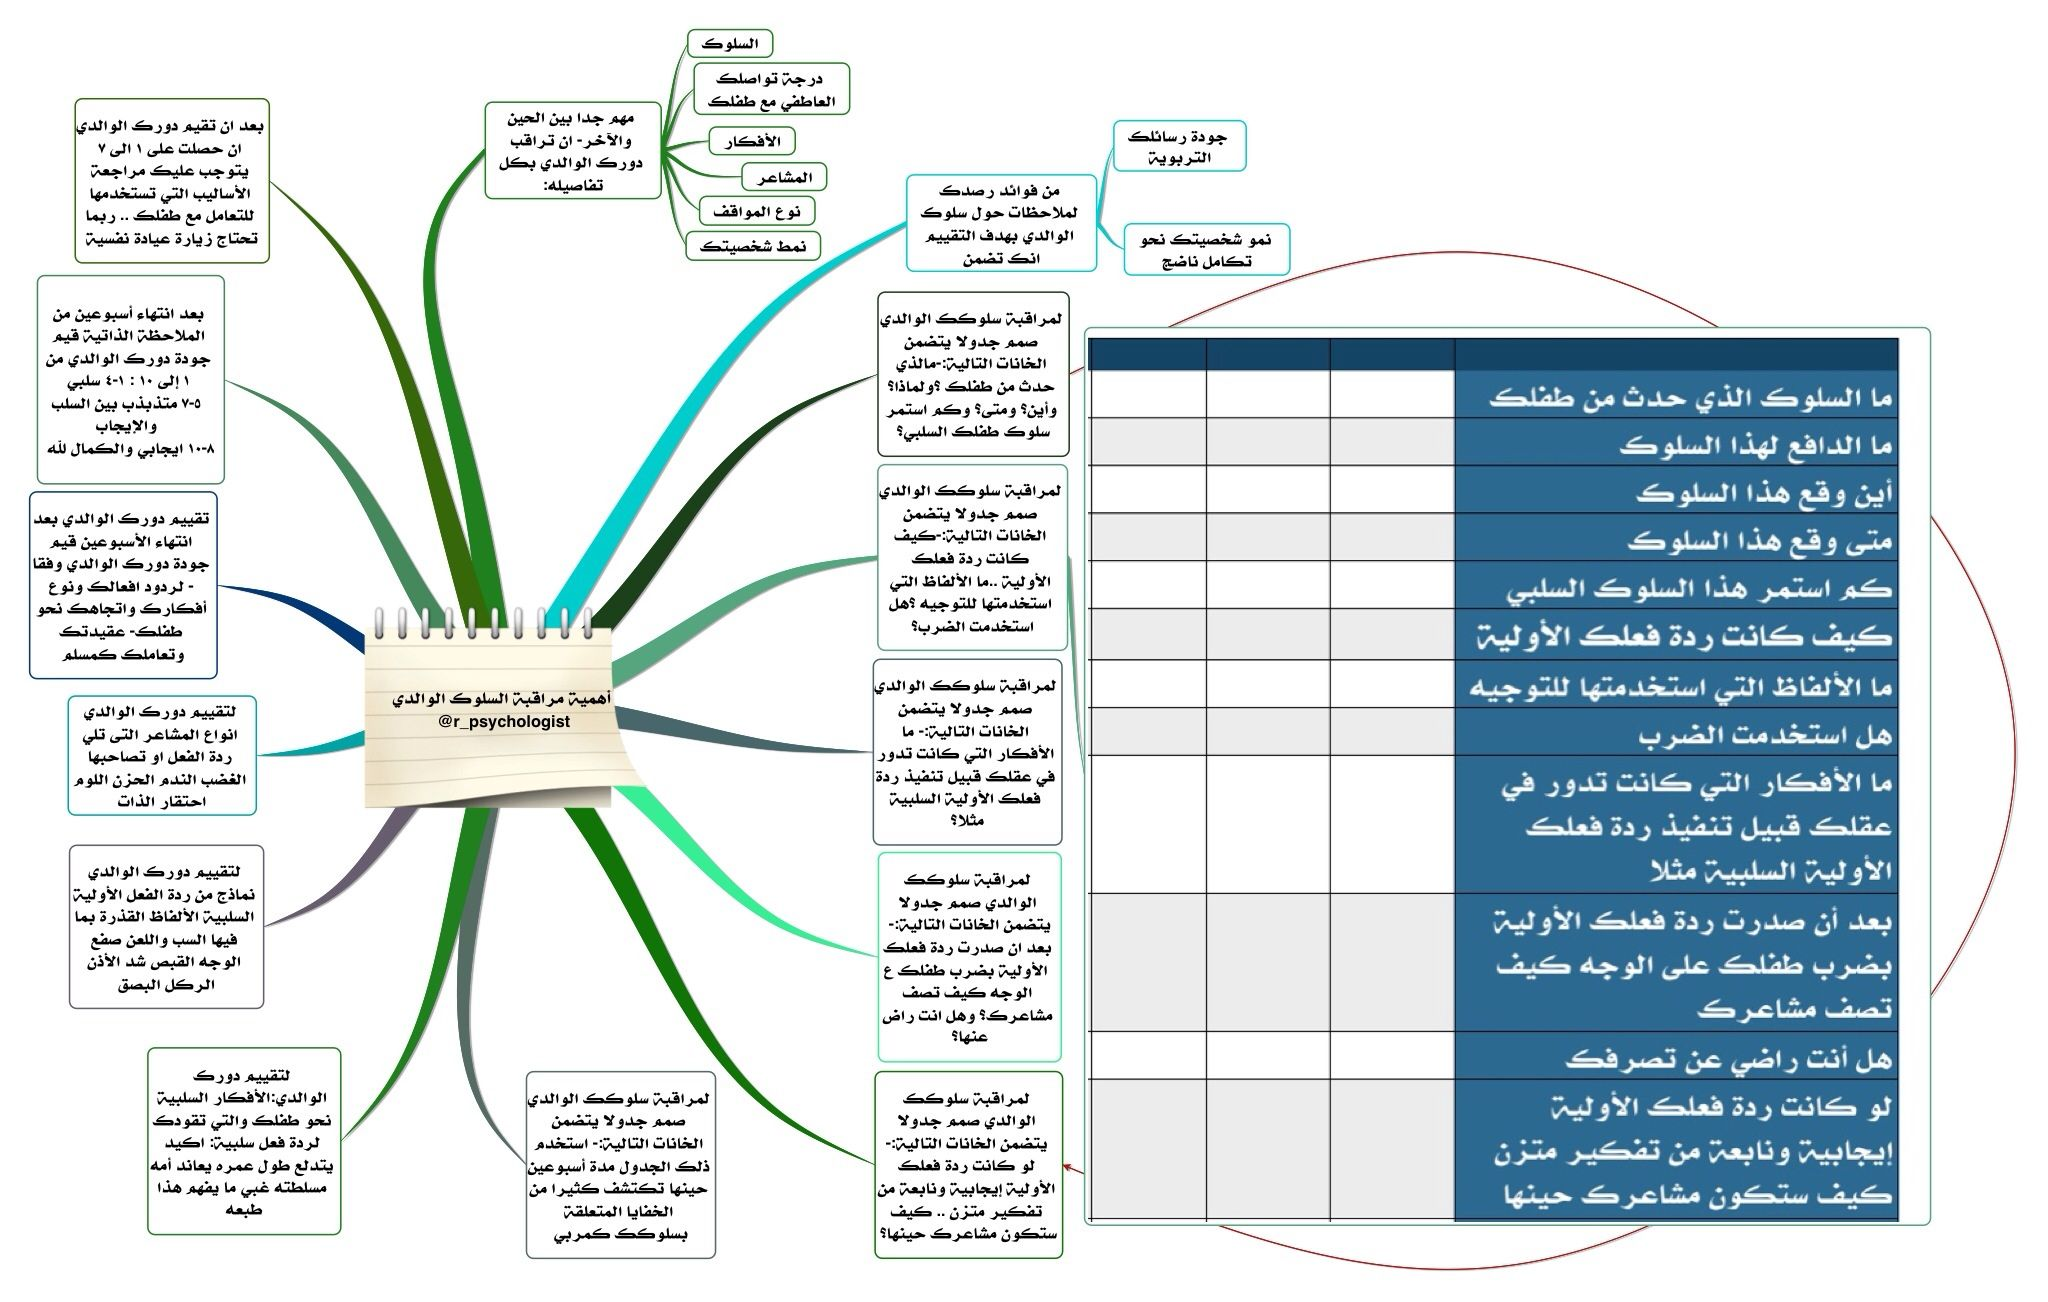 خريطة ذهنية في مراقبة سلوكك الوالدي تغريدات لـ علم النفس لطفلك R Psychologist Parenting Coaching Online